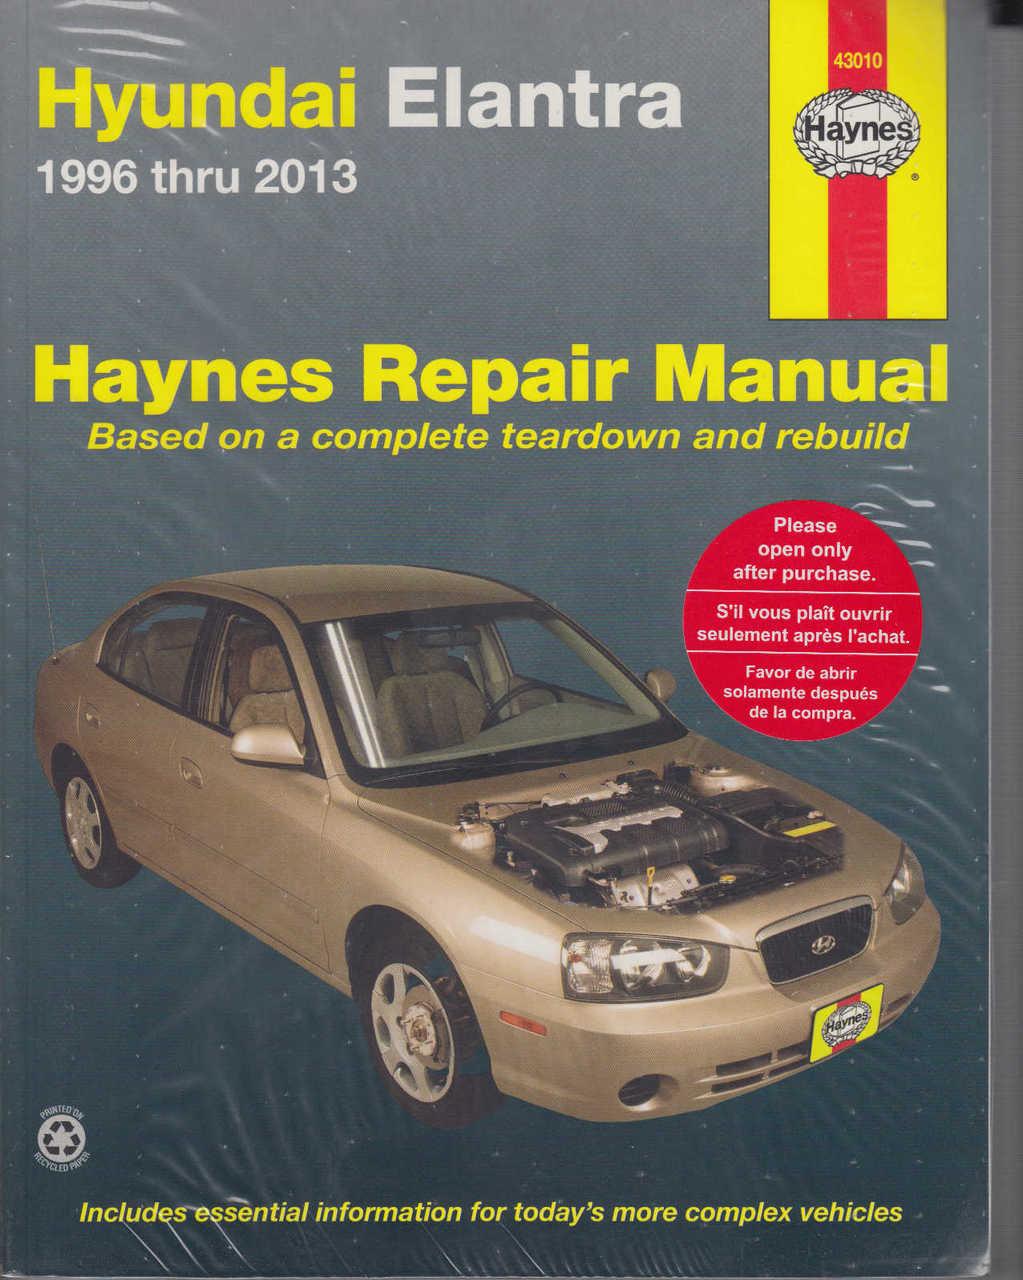 Hyundai Elantra (Lantra) 1996 - 2013 Workshop Manual ...